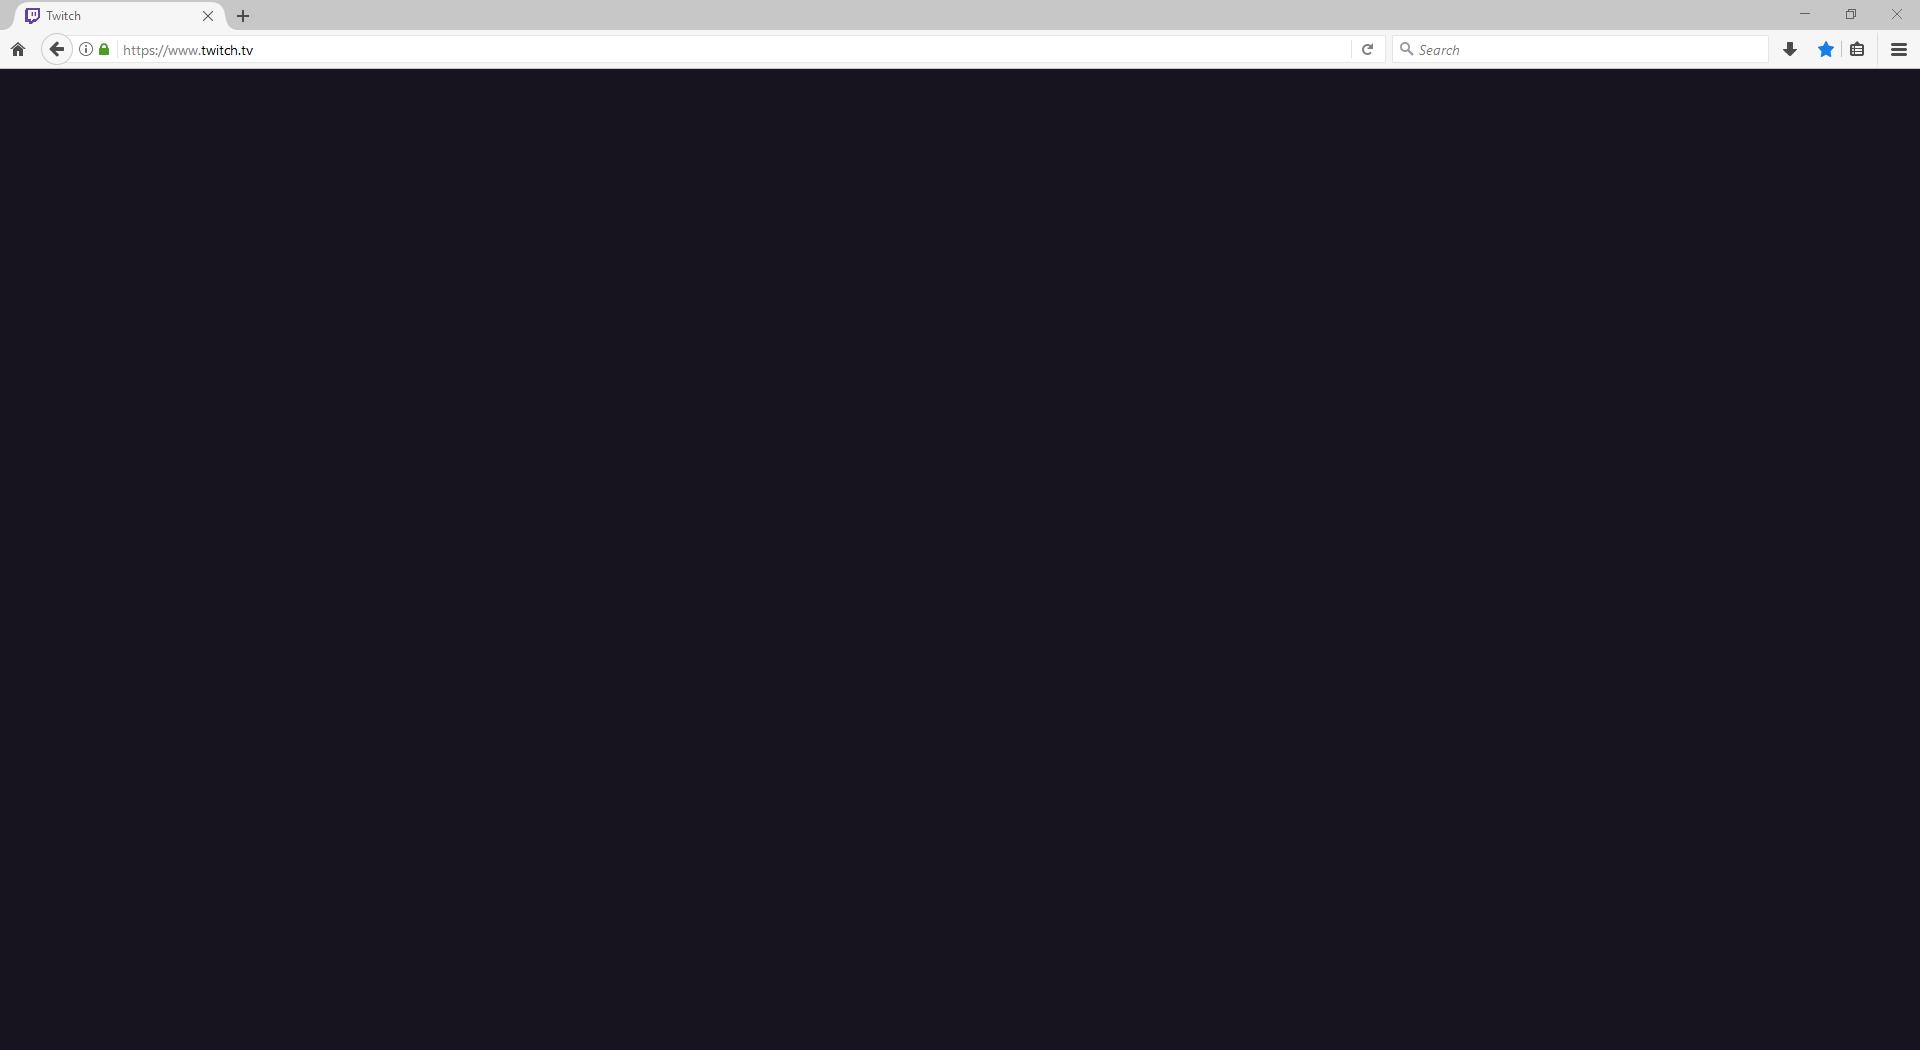 twitch tv canvasblocker v0 4 0 · Issue #133 · kkapsner